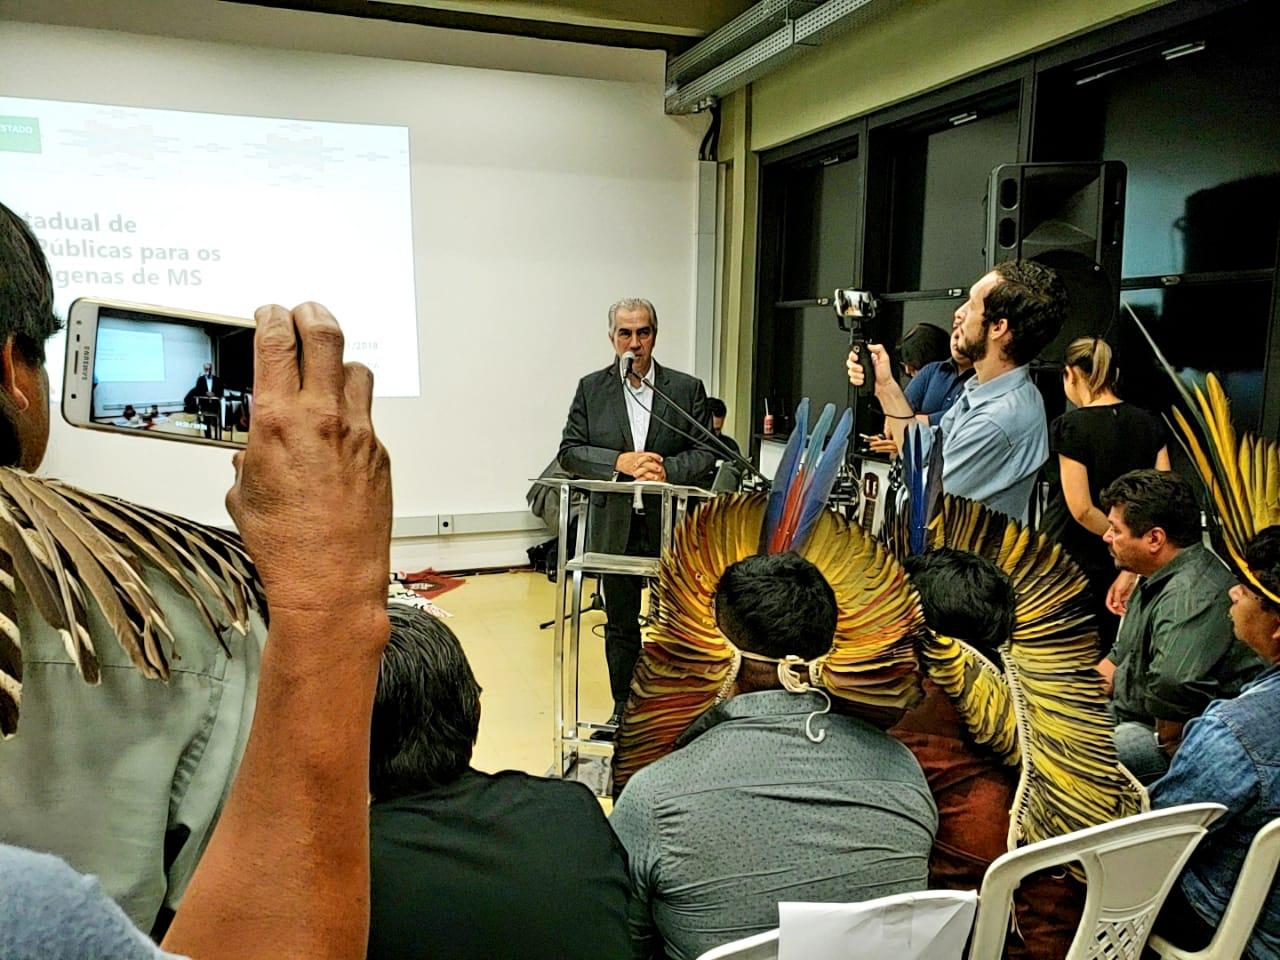 Reinaldo sinalizou nesta terça-feira disposição em negociar em favor de populações indígenas junto ao governo federal. (Foto: Pedro Amaral)